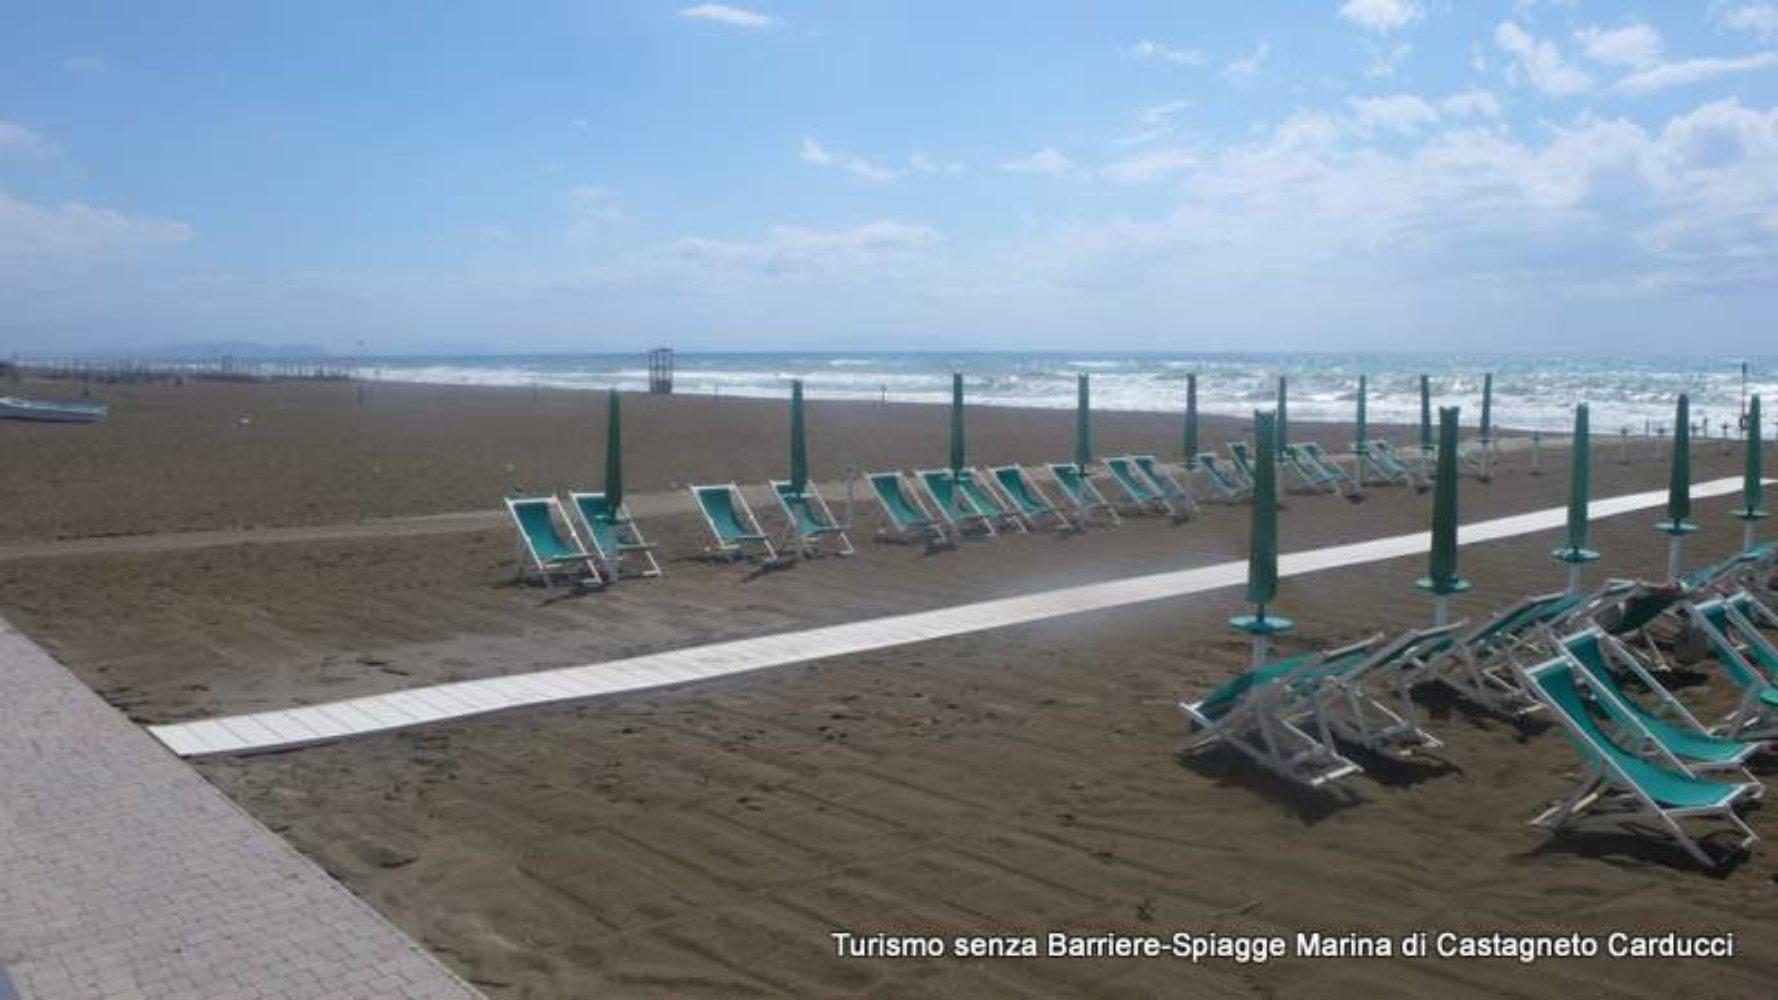 Bagno Balena Marina Di Pisa : Spiagge accessibili in versilia e costa etrusca visit tuscany